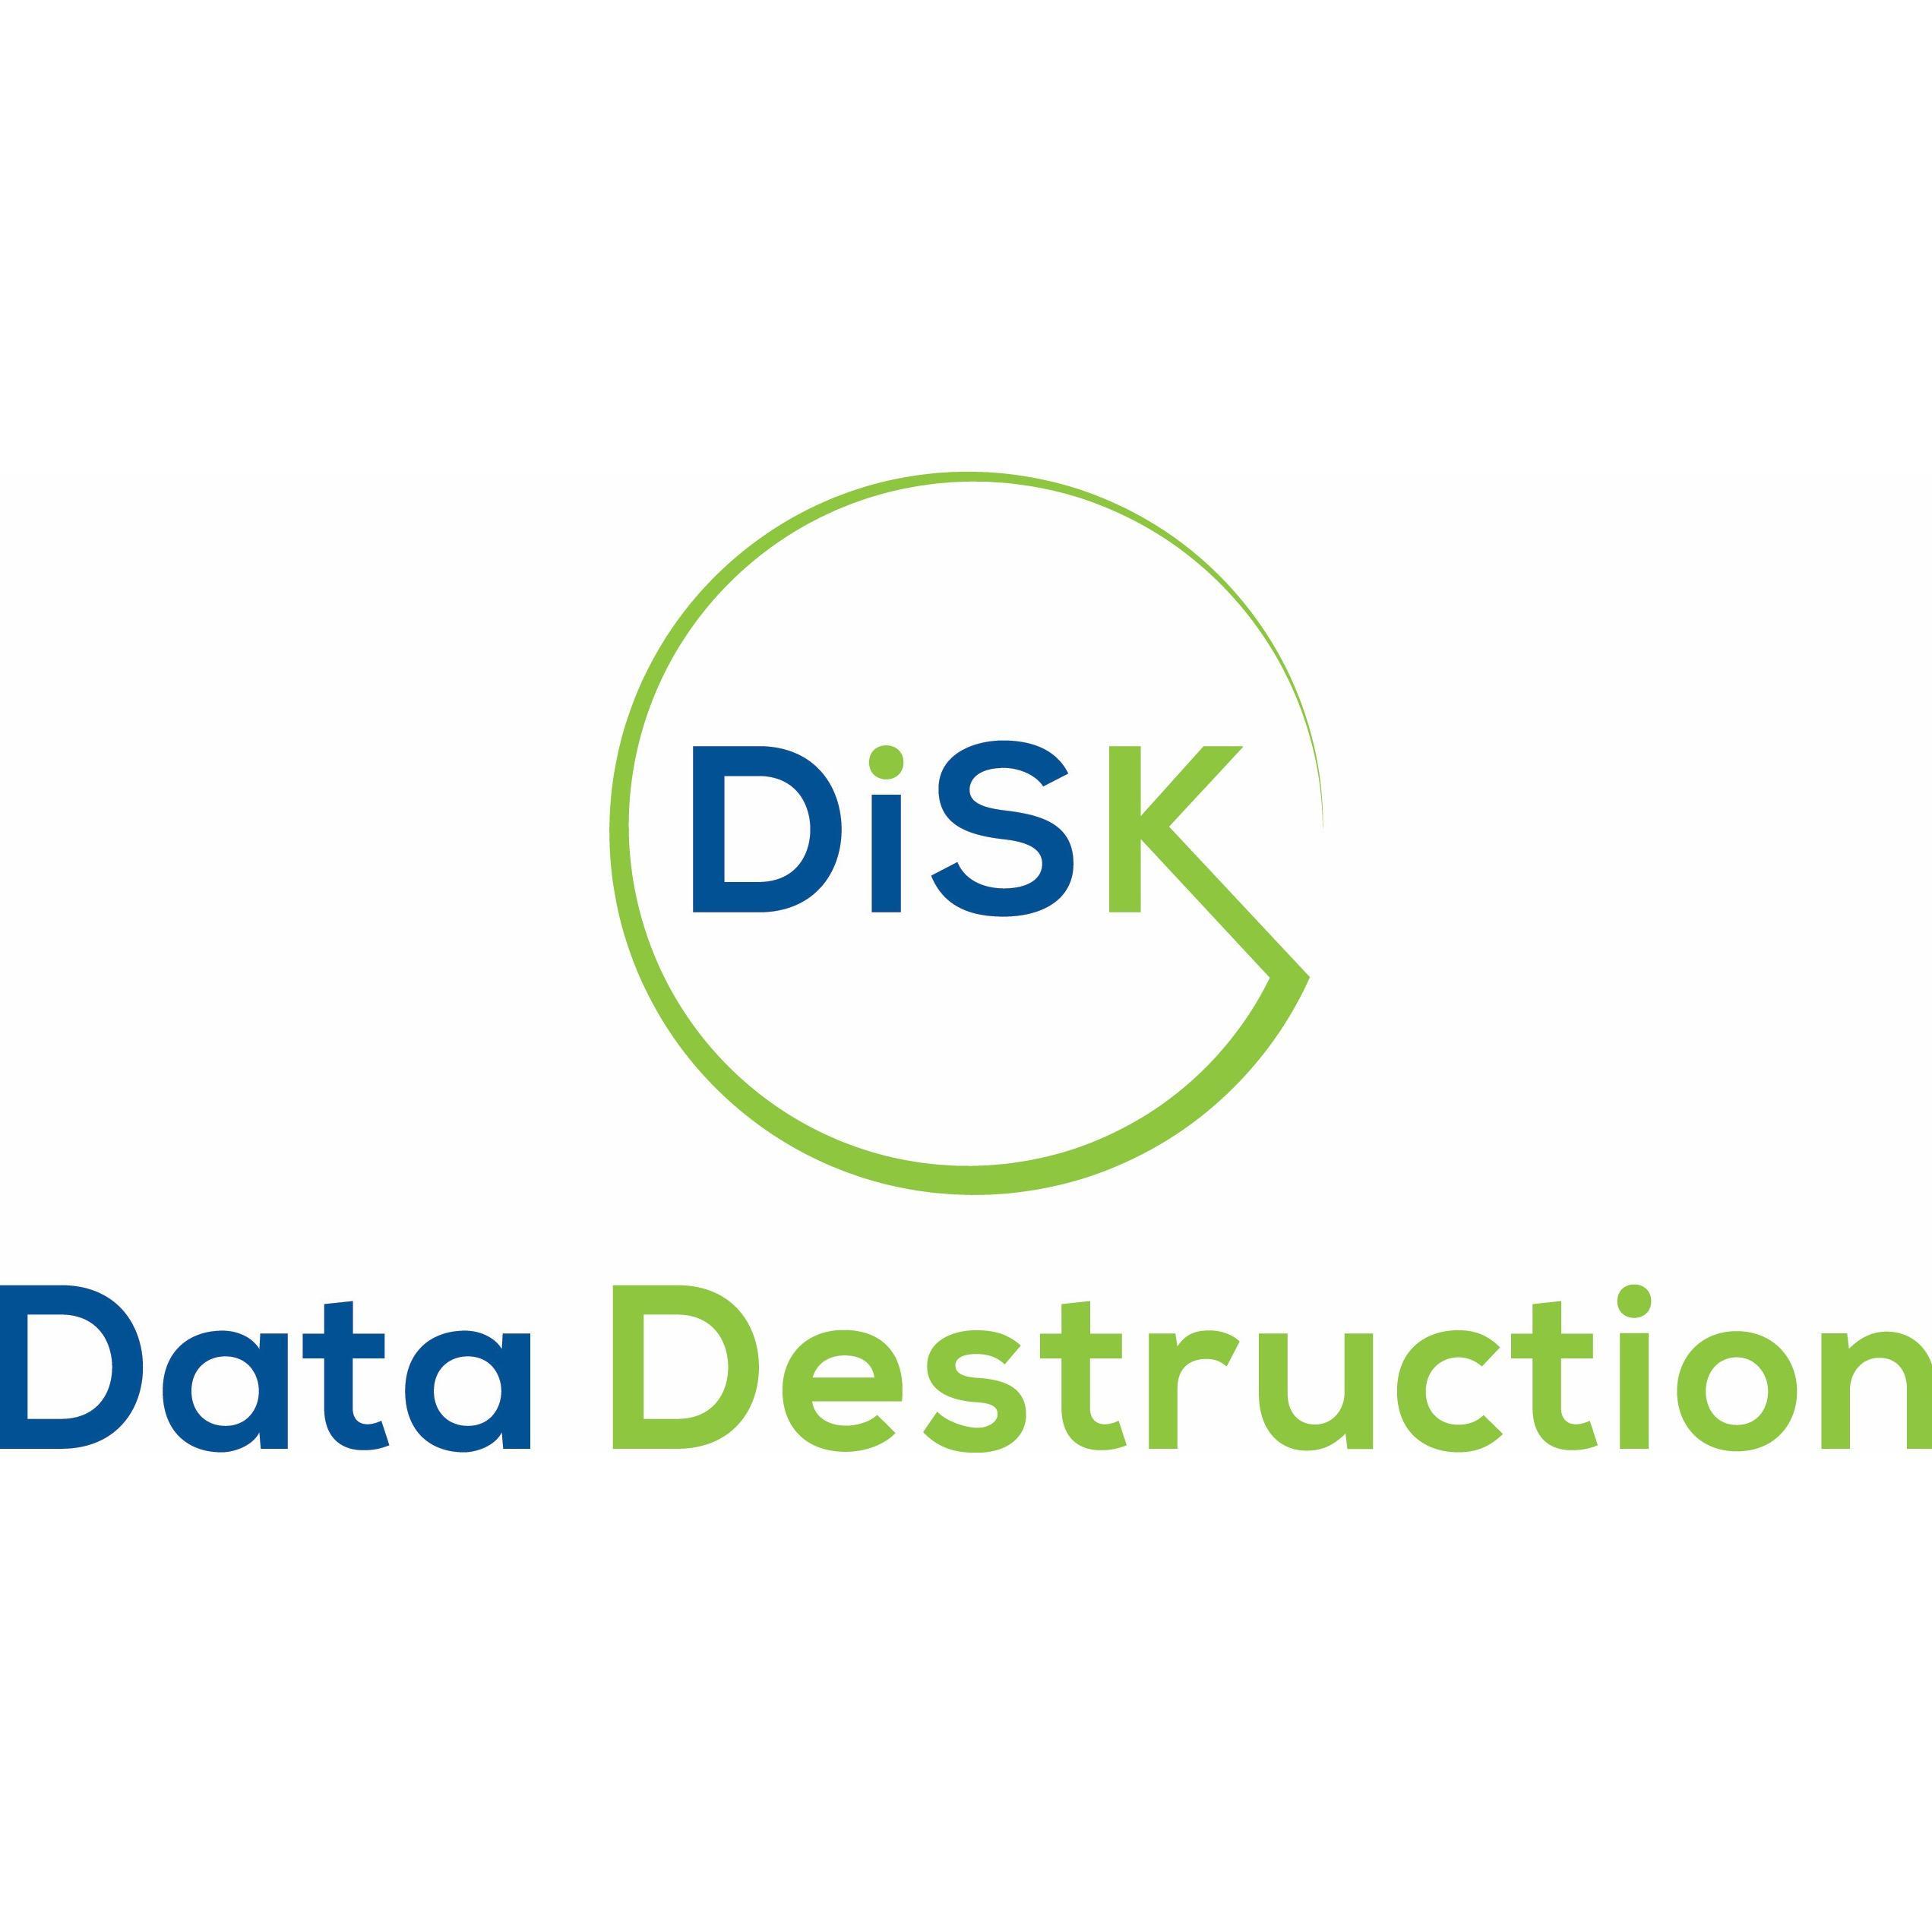 DiSK Data Destruction